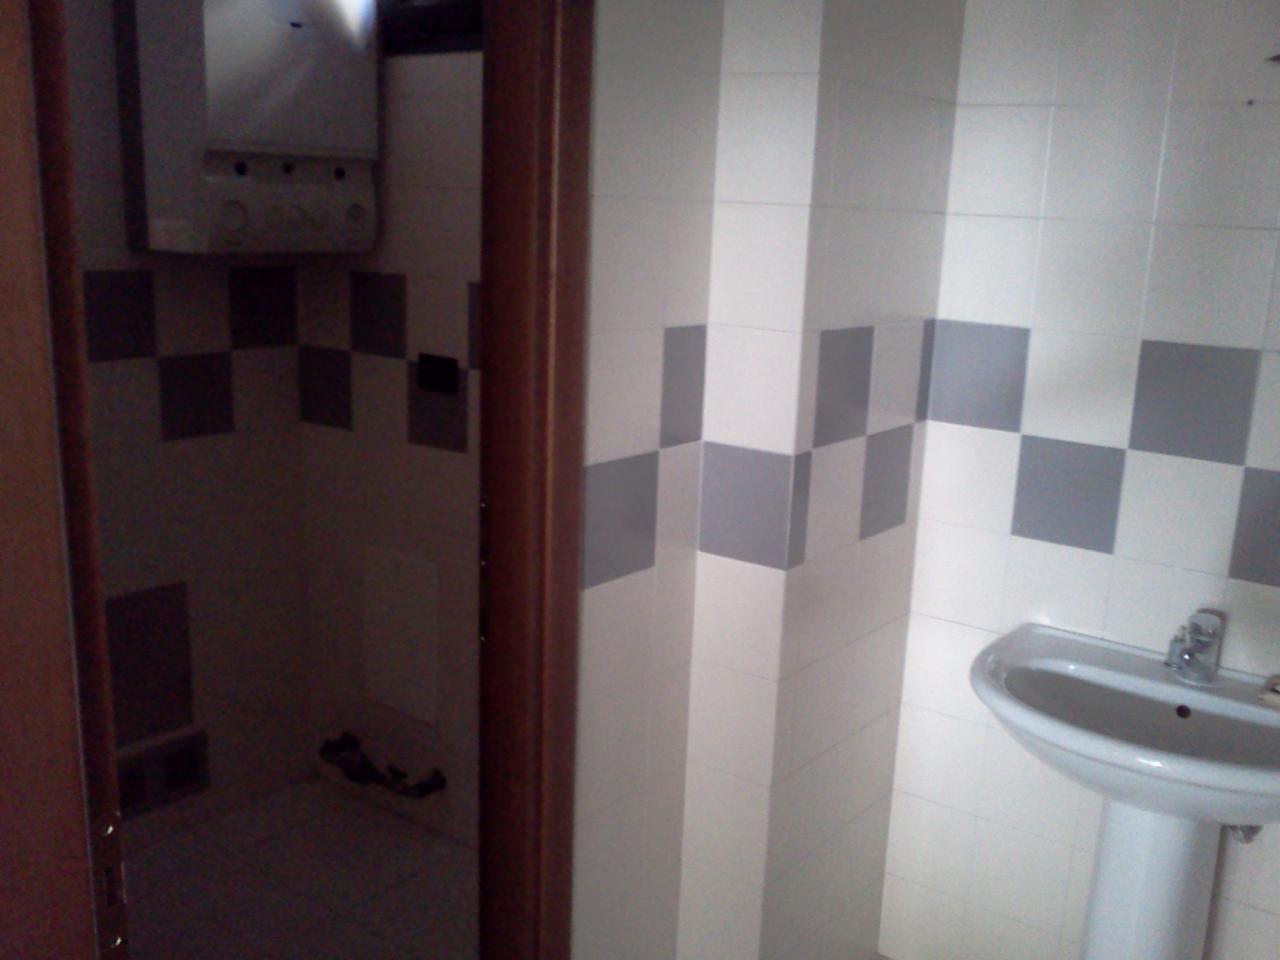 Negozio / Locale in affitto a Villorba, 9999 locali, zona Zona: Fontane, prezzo € 450 | CambioCasa.it